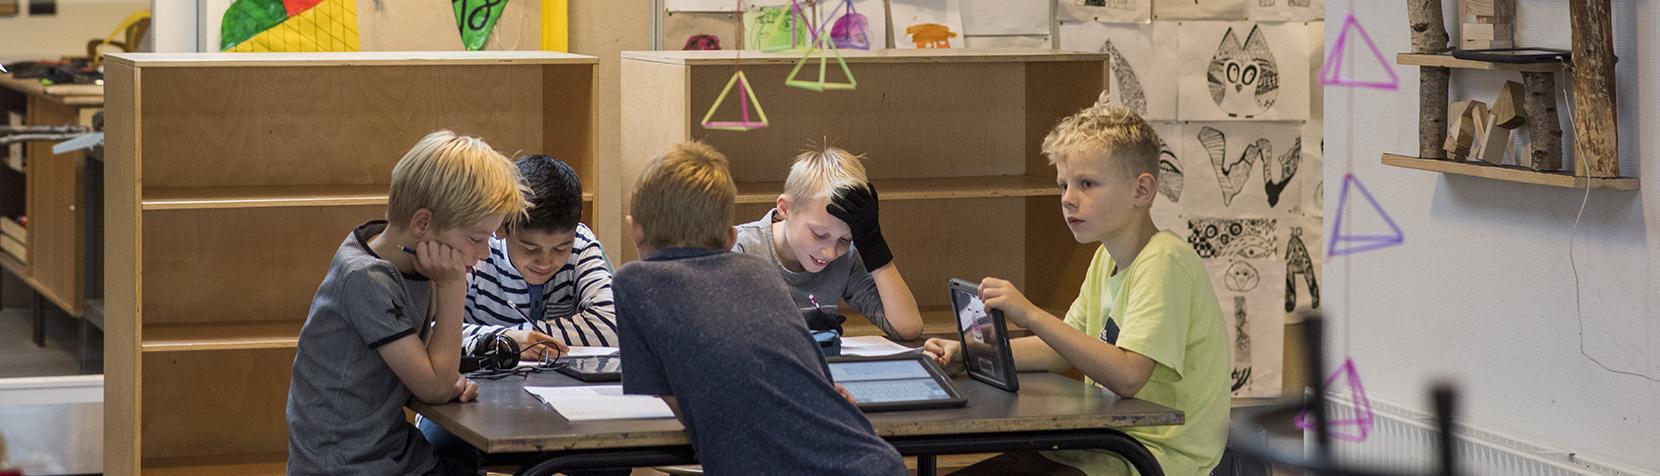 Skoledrenge arbejder